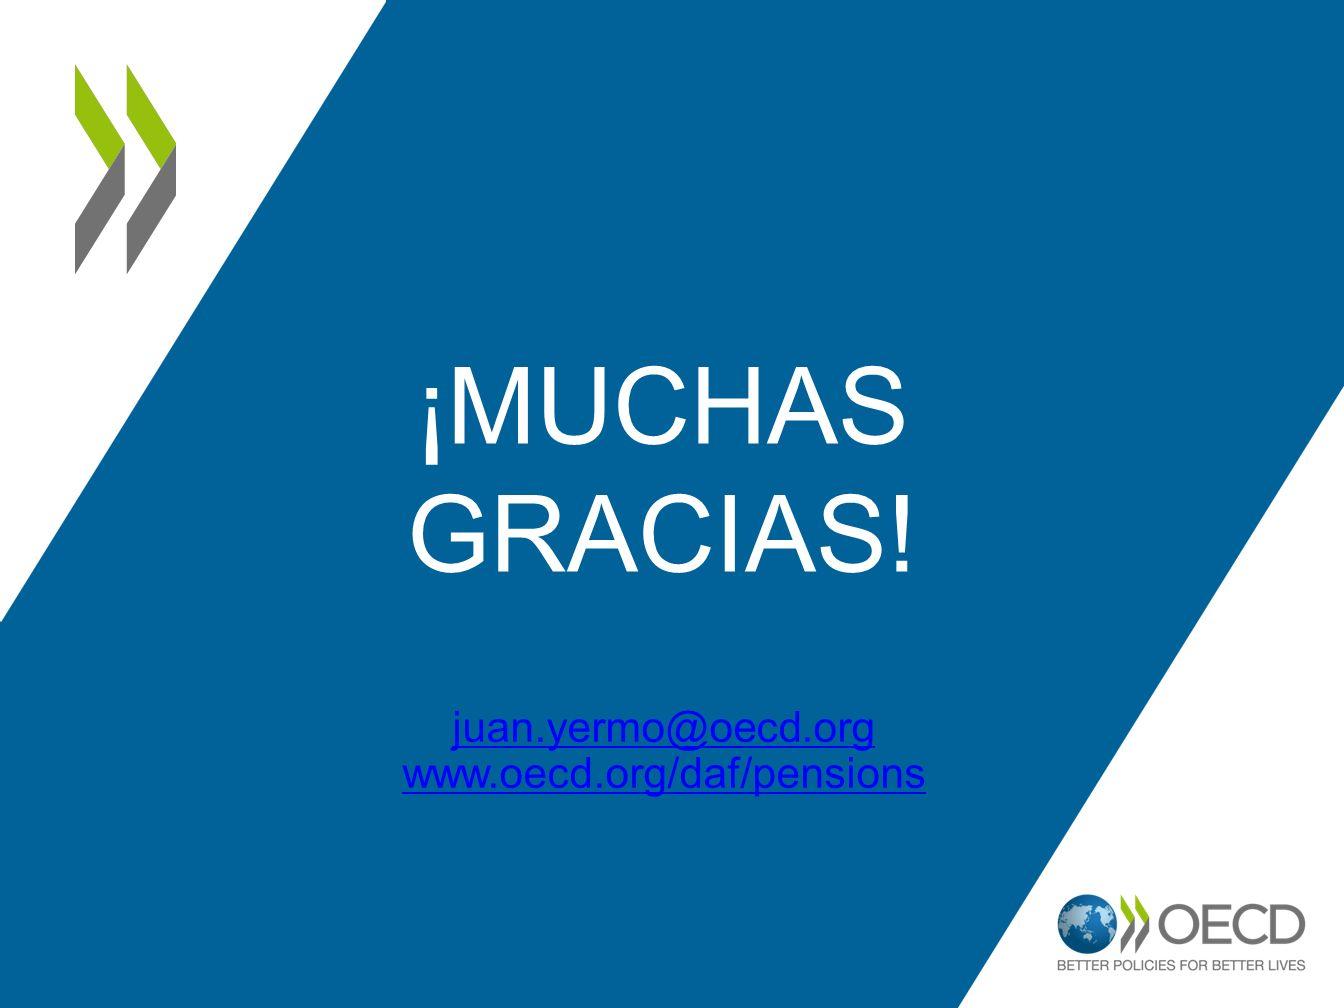 ¡MUCHAS GRACIAS! juan.yermo@oecd.org www.oecd.org/daf/pensions